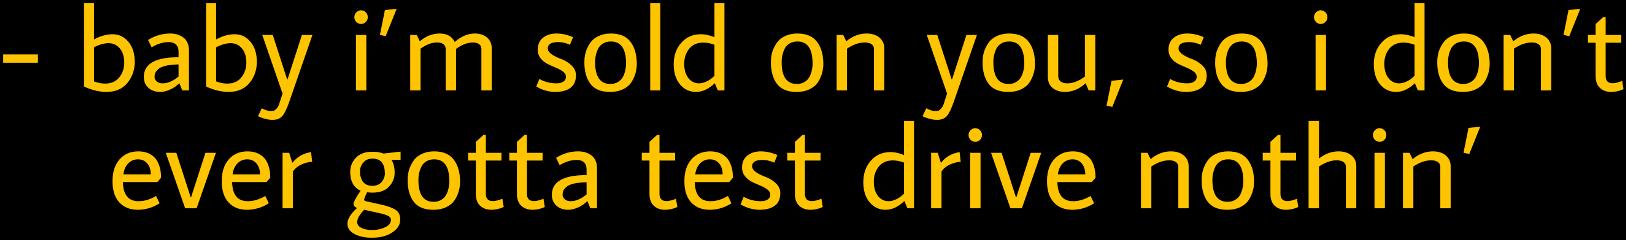 ariana grande butera arianagrande text quote yellowtext yellowquote positions positionstext positionsquote positionsyellowtext positionsyellowquote positionsdeluxe positionsdlx testdrive testdrivelyrics testdrivetext testdriveyellowtext positionsdeluxetext positionsdlxtext positionsdeluxeyellowtext positionsdlxyellowtext arianagrandepositions arianagrandepositionsdeluxe freetoedit